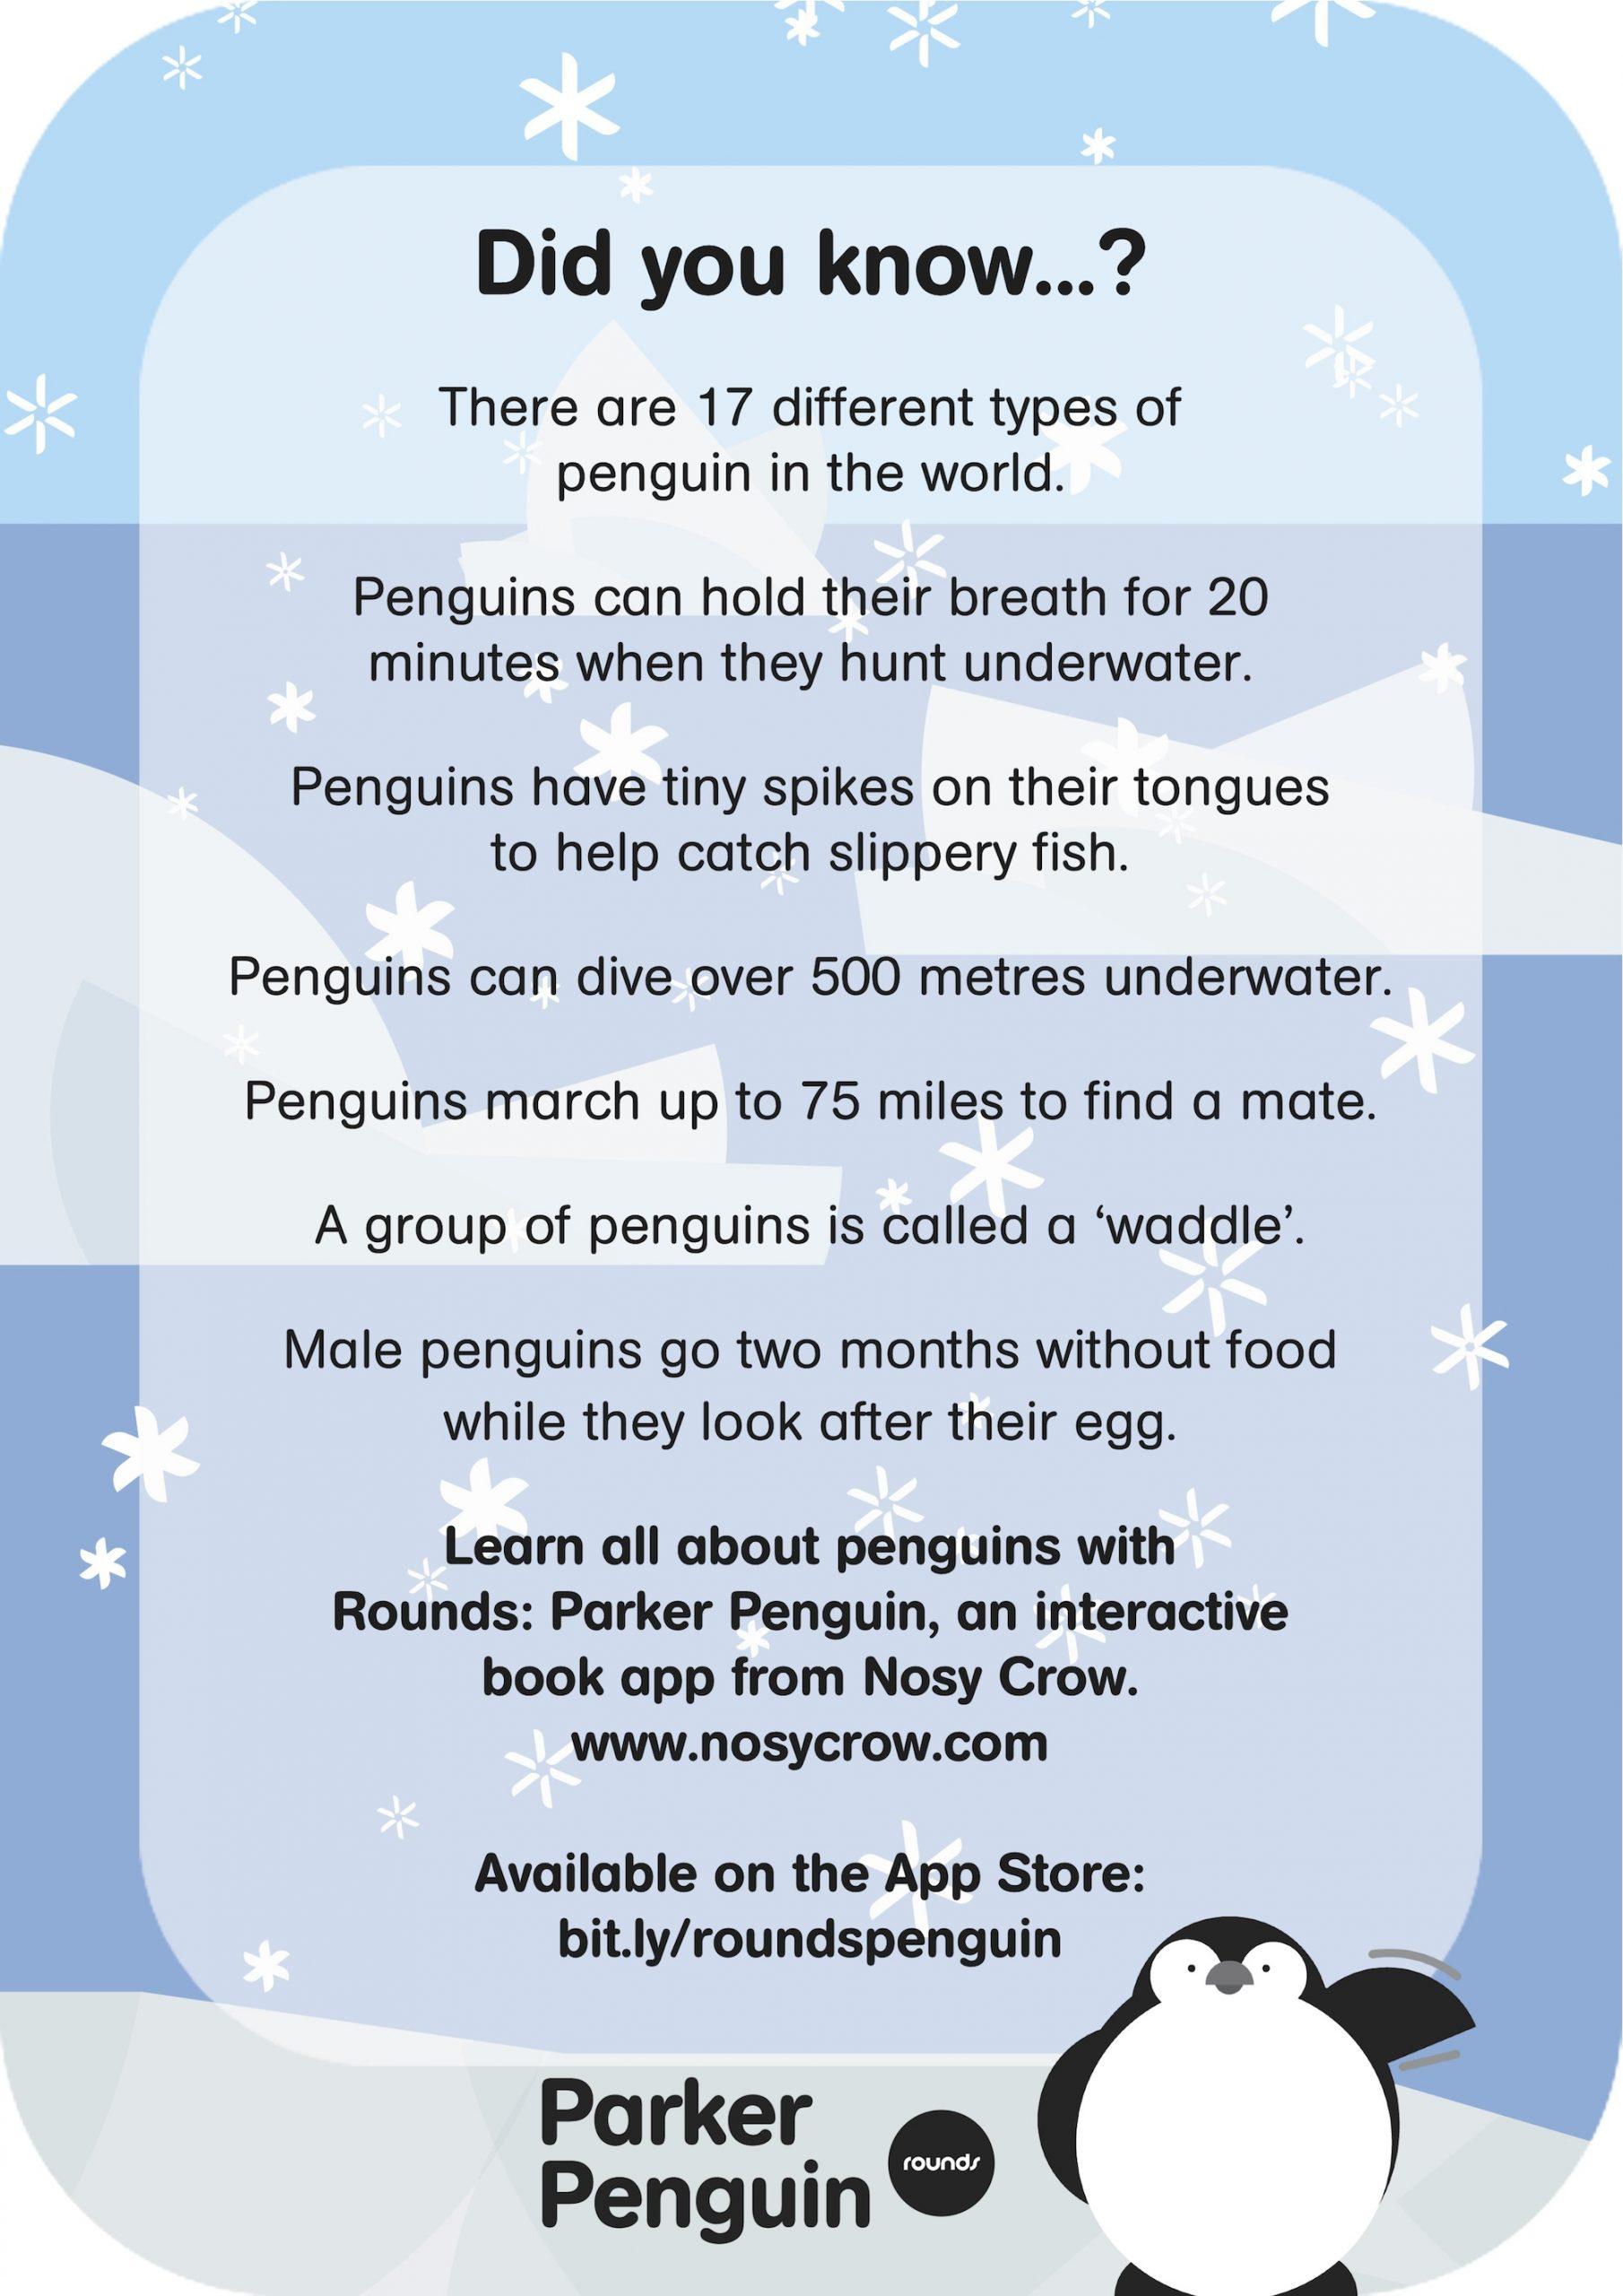 Rounds: Parker Penguin